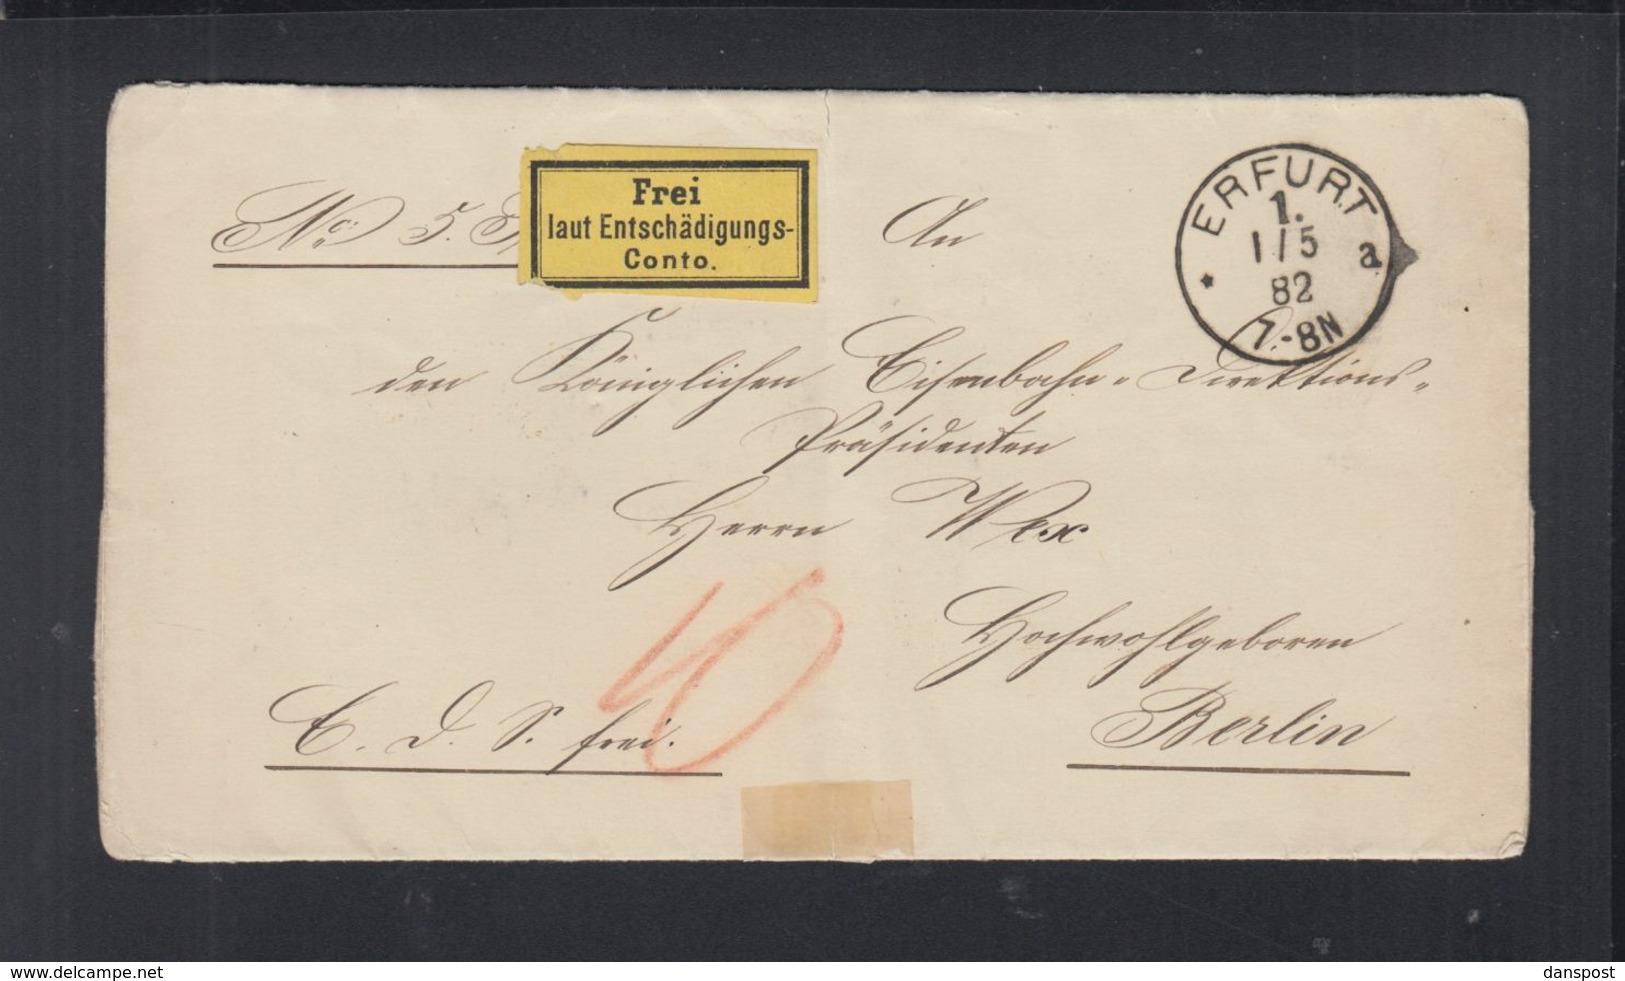 Dt. Reich Falthülle Frei Lt. Entschädigungskonto Erfurt 1882 - Deutschland